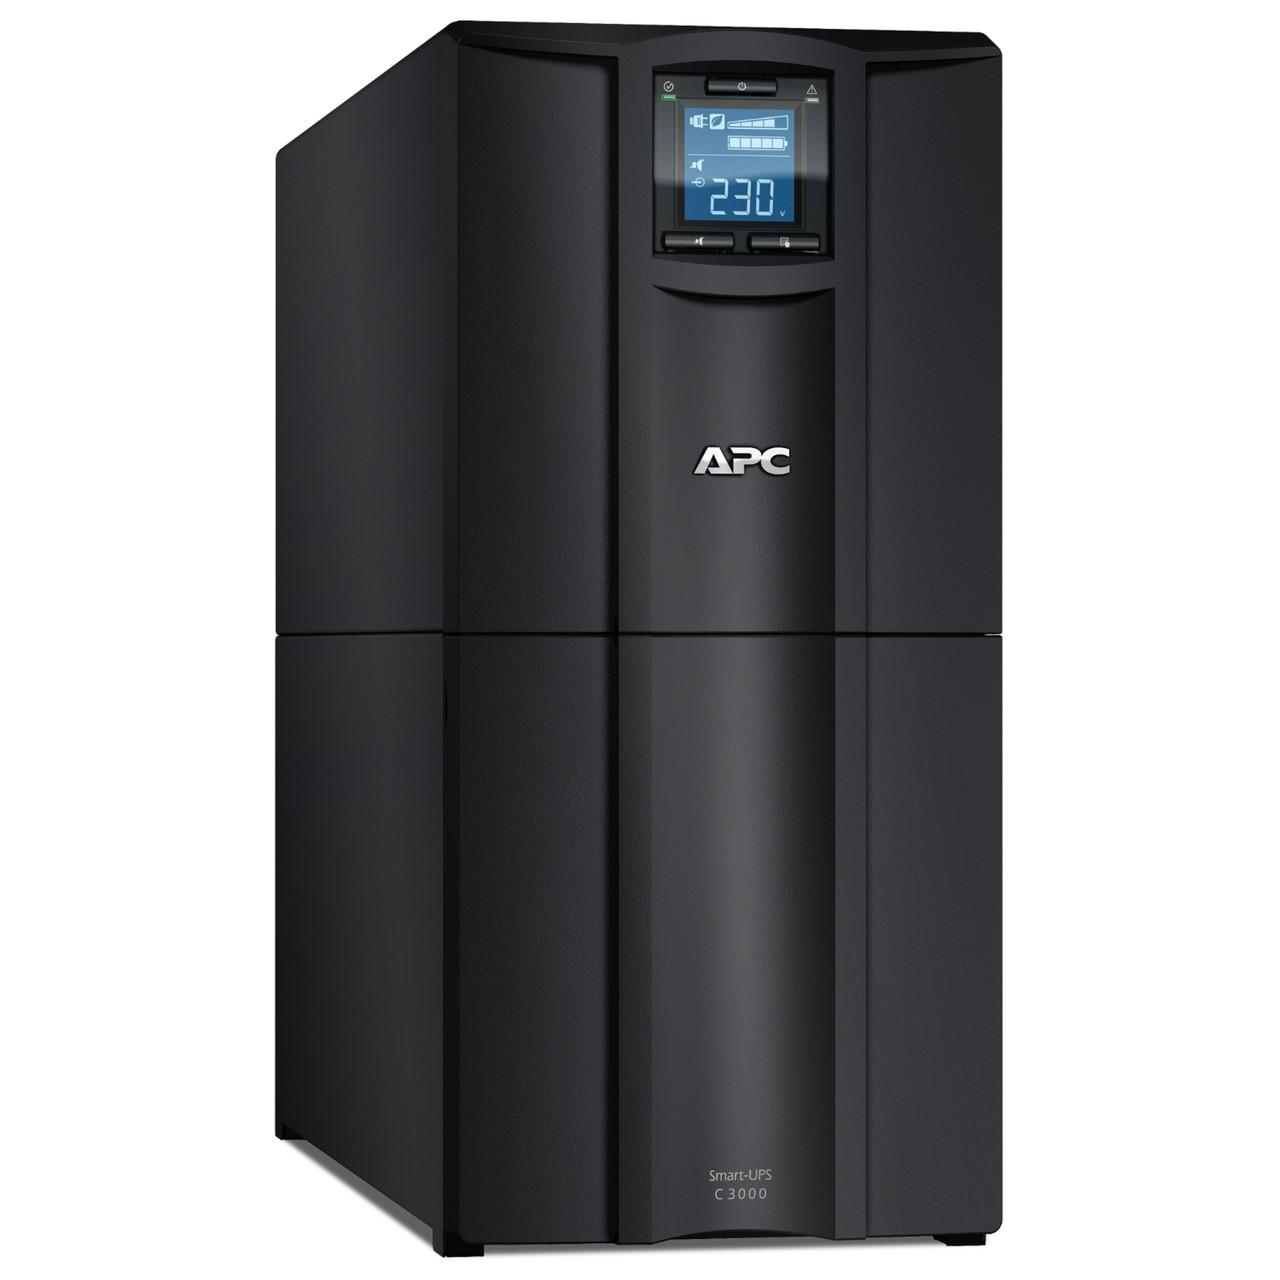 APC SMC3000I ИБП Smart-UPS C 3000 ВА, 2.1кВт, ЖК-экран, 230 В